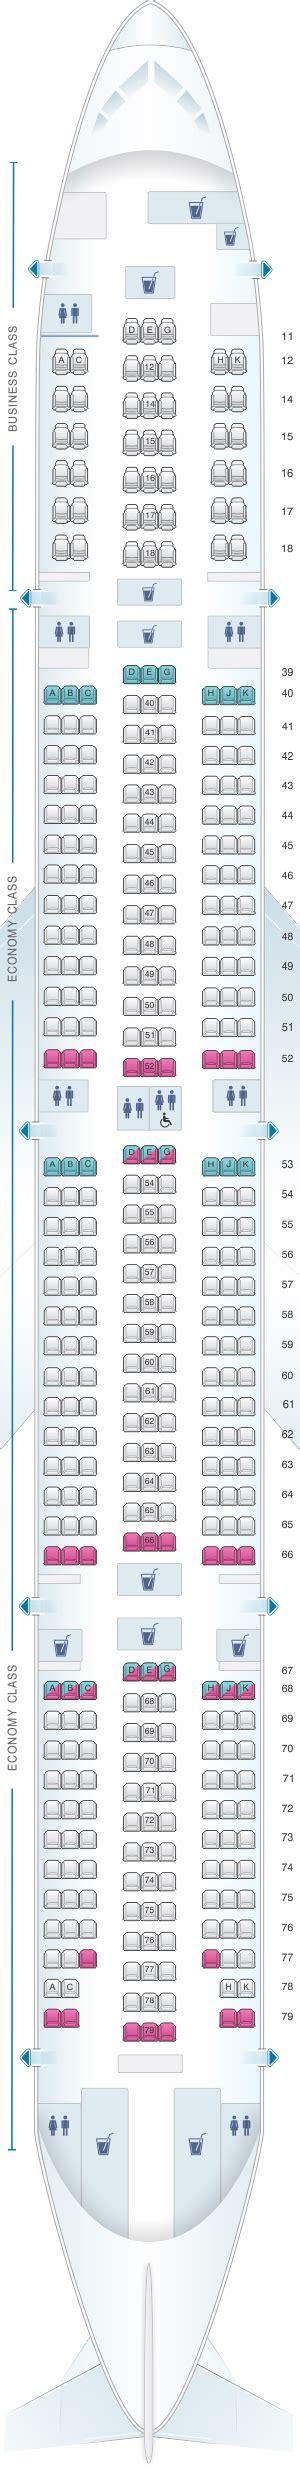 siege boeing 777 plan de cabine cathay pacific airways boeing b777 300 773